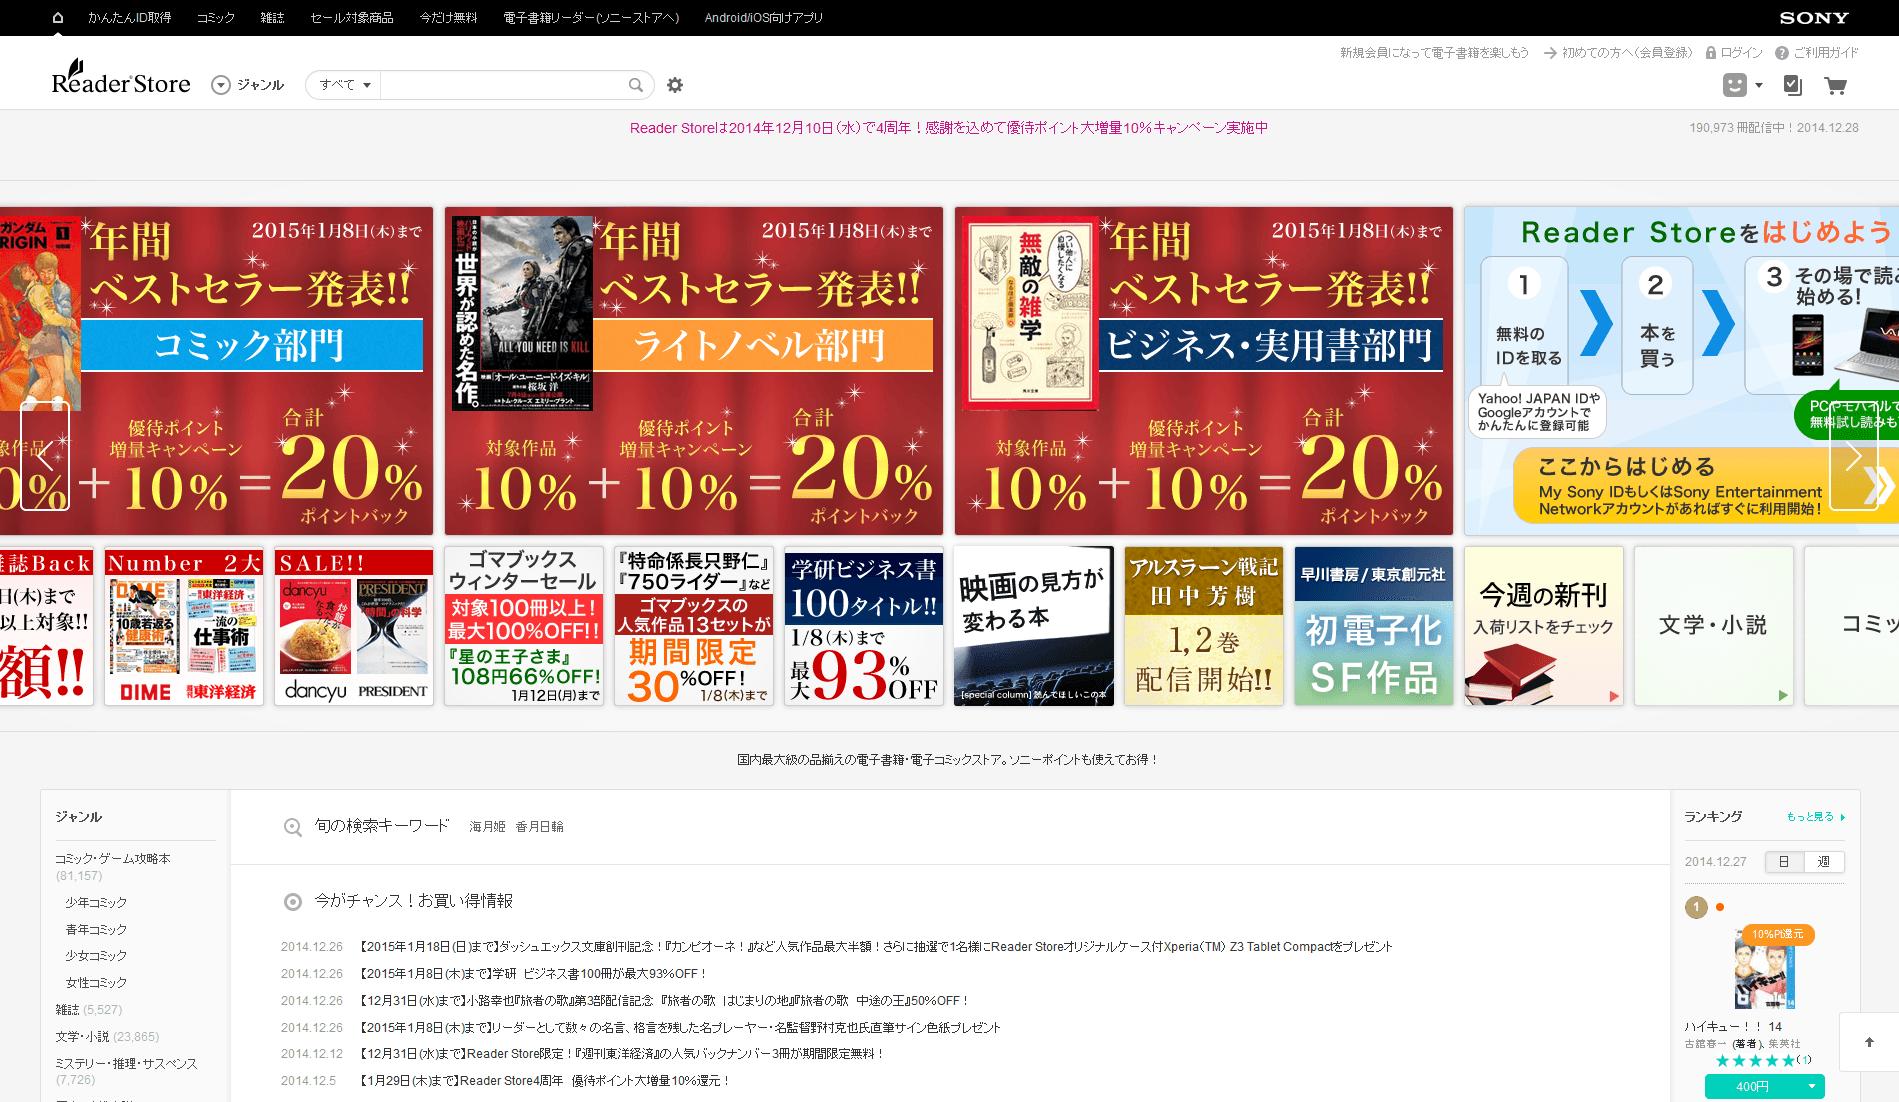 電子書籍・電子コミックストア Reader Store - Sony